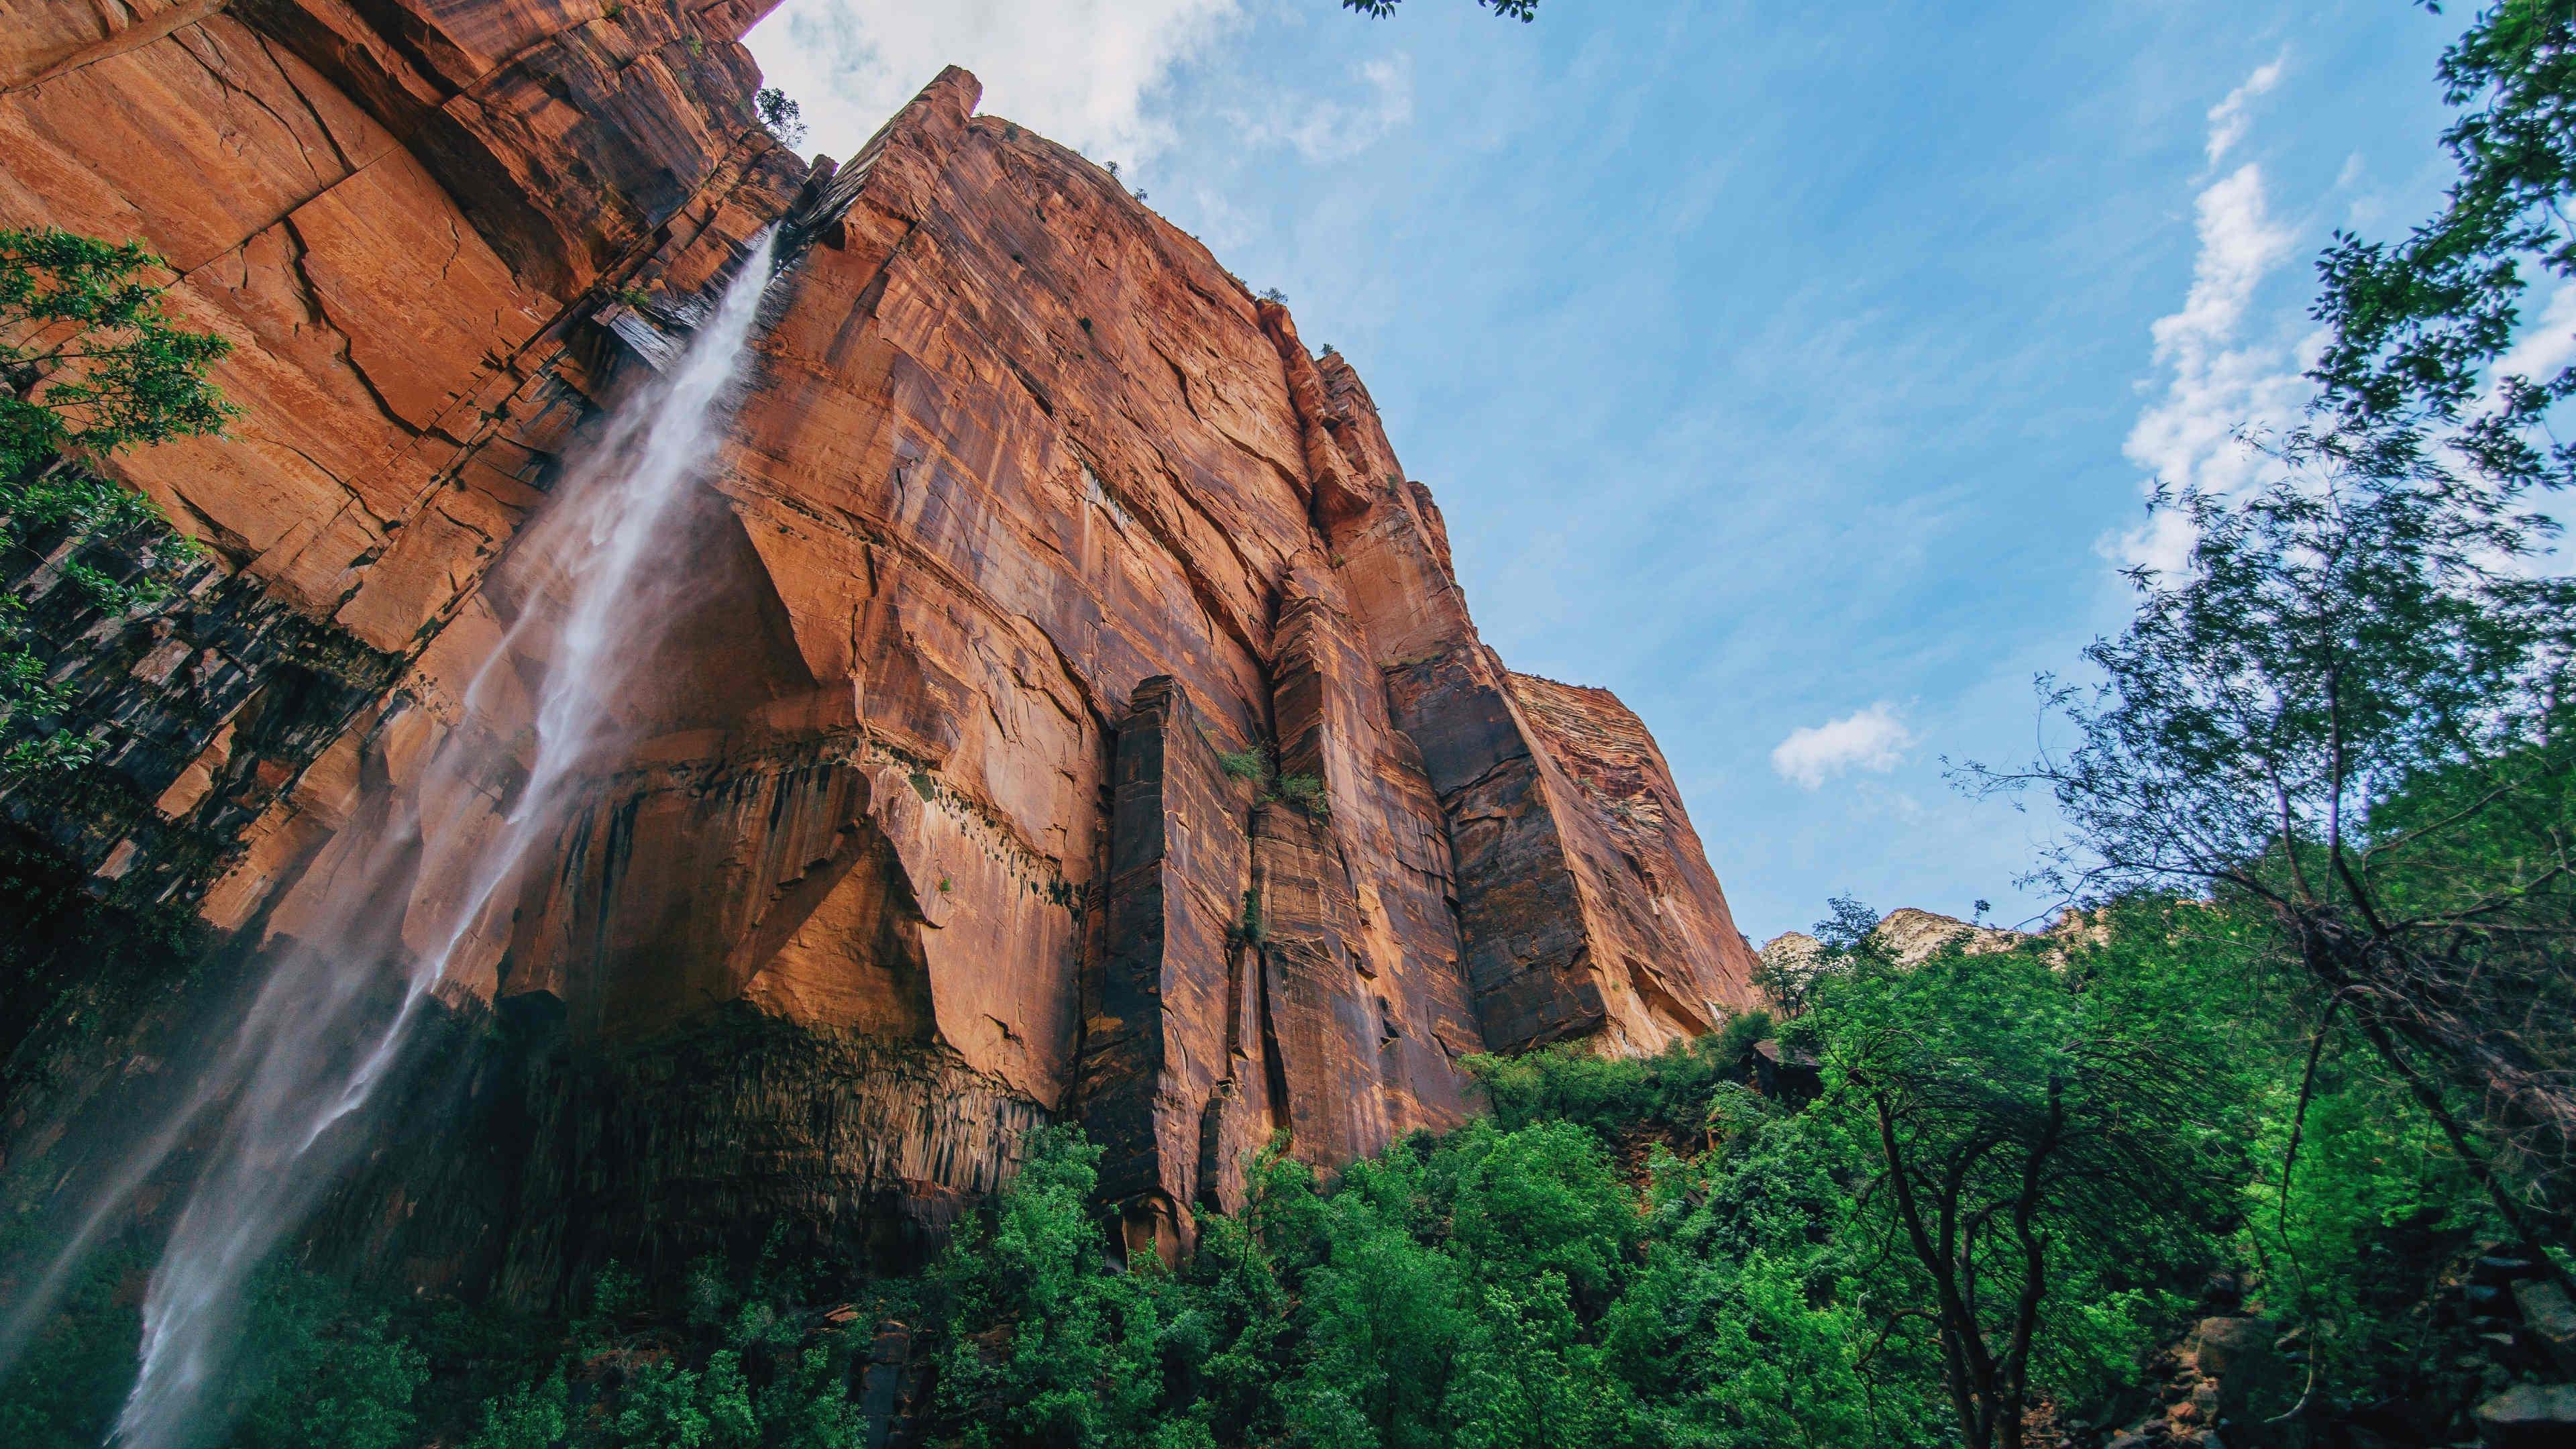 风景大片,自然风光,高山,巨石,瀑布,天空